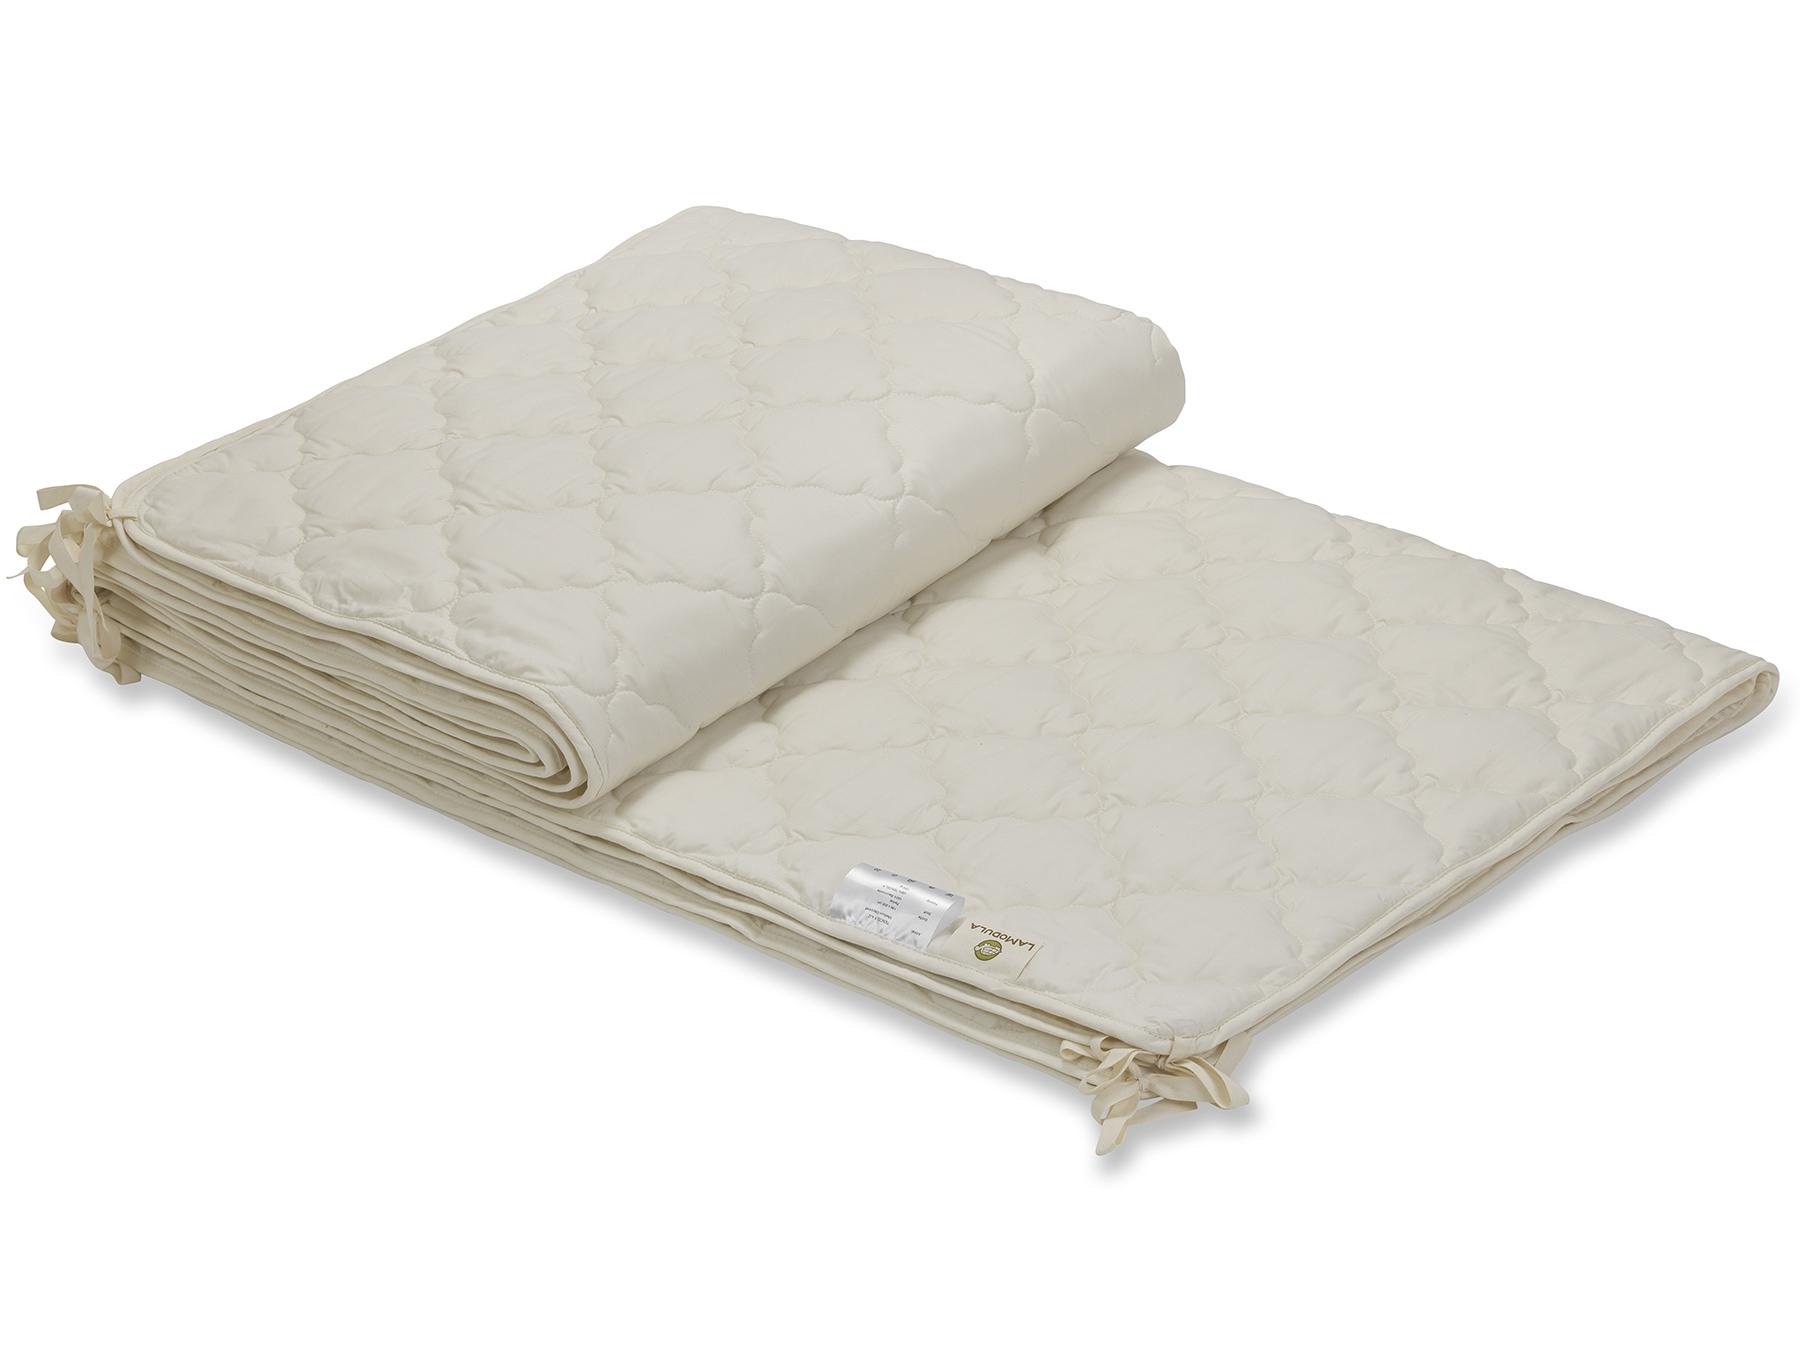 Eine Medium-Decke und eine leichte Decke miteinander kombiniert.